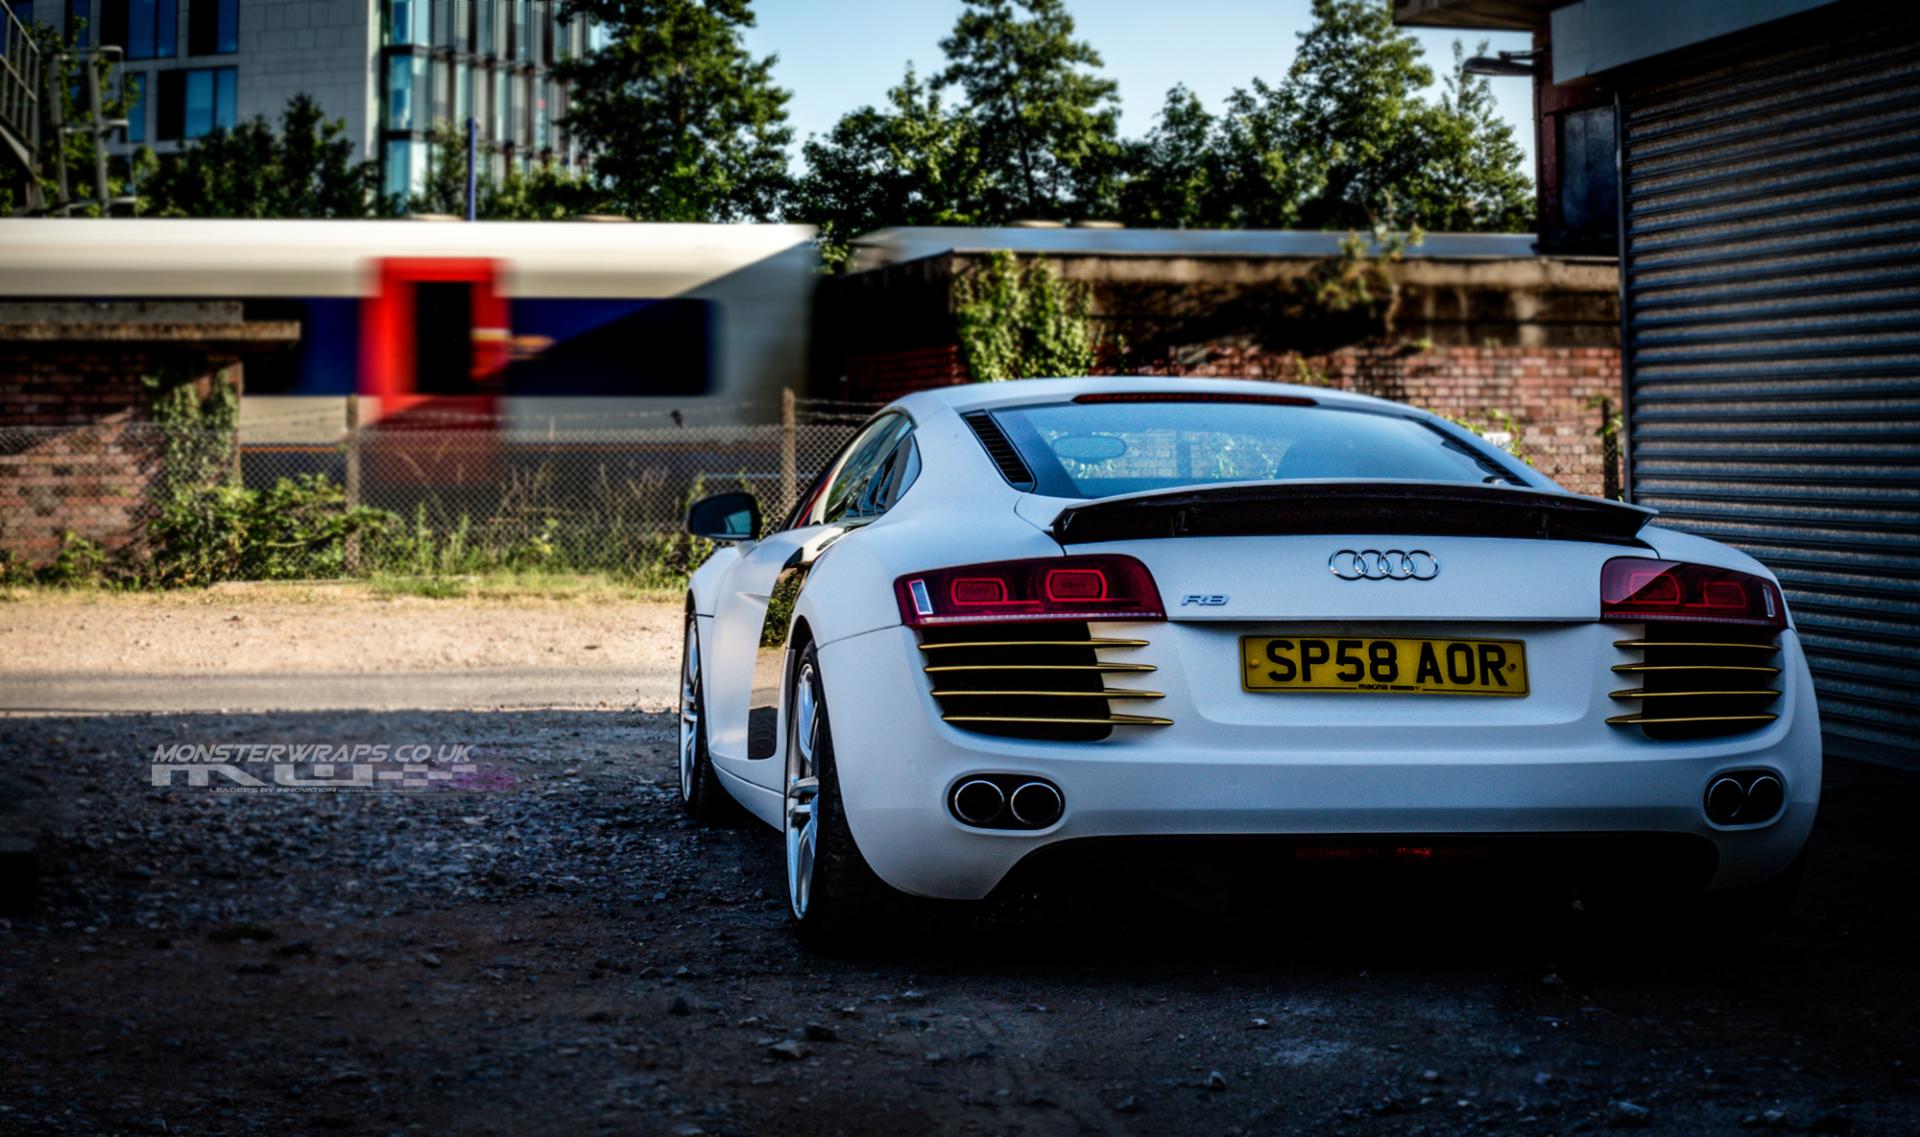 Audi R8 matte white chrome gold car wrap 3M monsterwraps